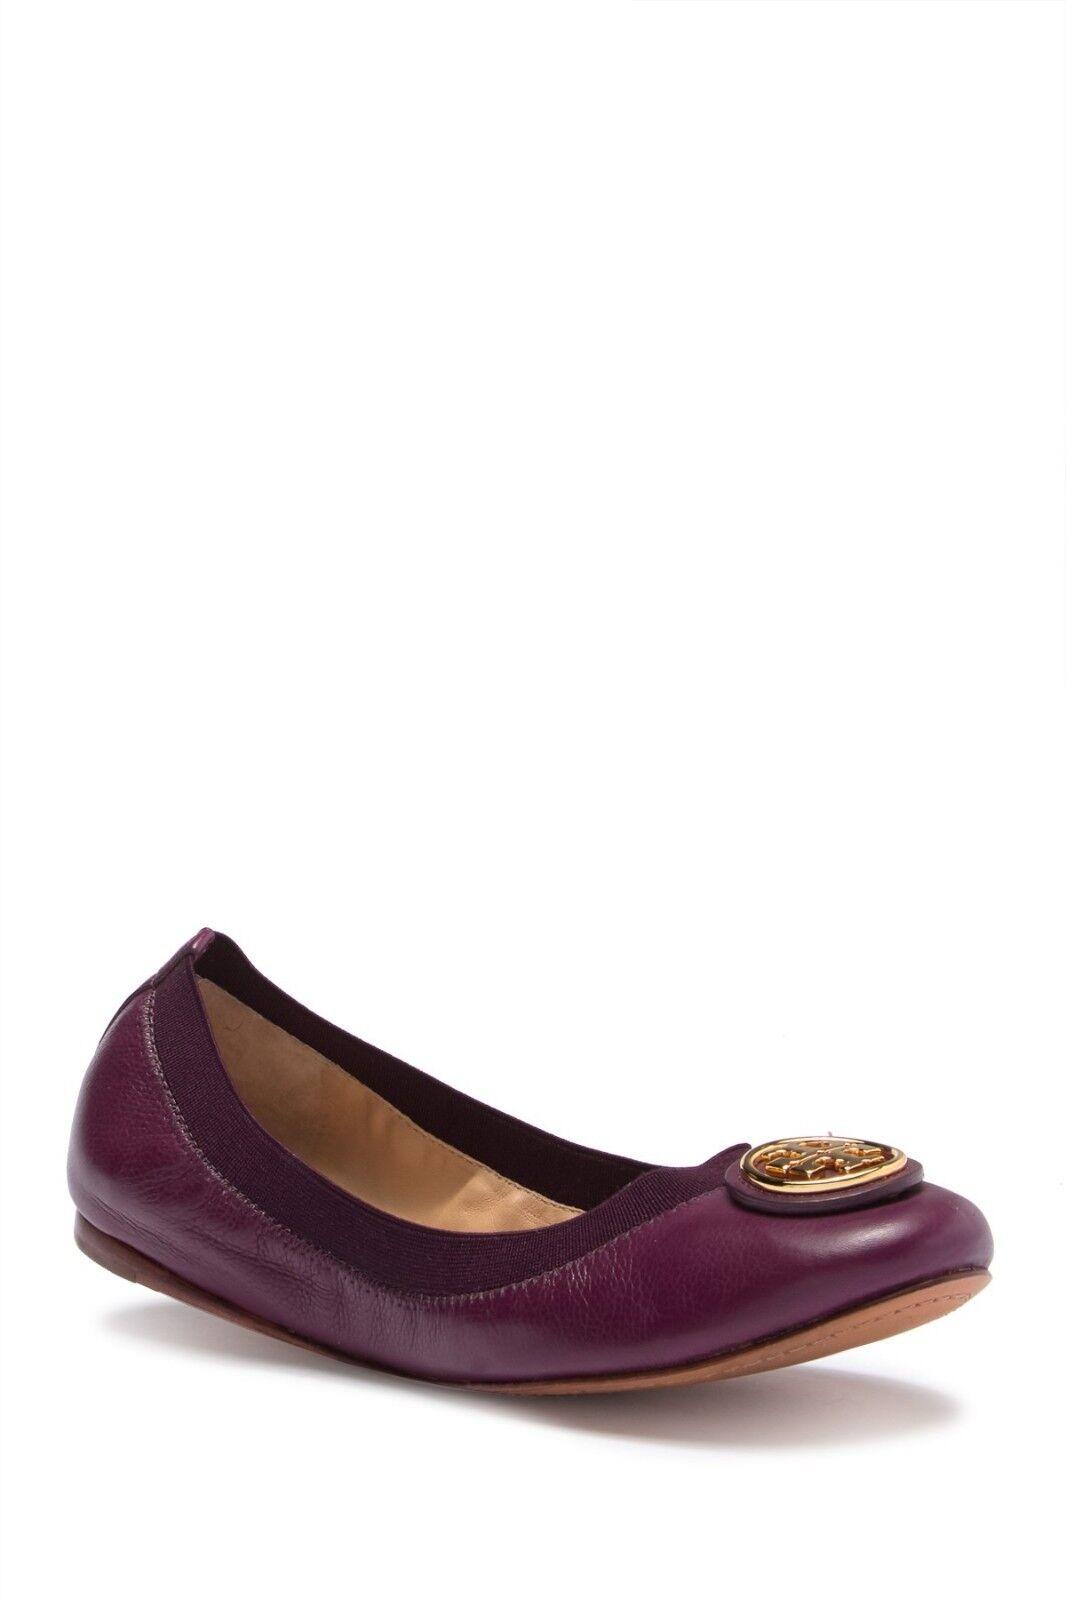 Nuevo En Caja Tory Burch Caroline 2 sin Mujer Zapatos De Ballet Zapatos sin 2 Taco Sin Ciruela Salvaje 6 M 34e1e3